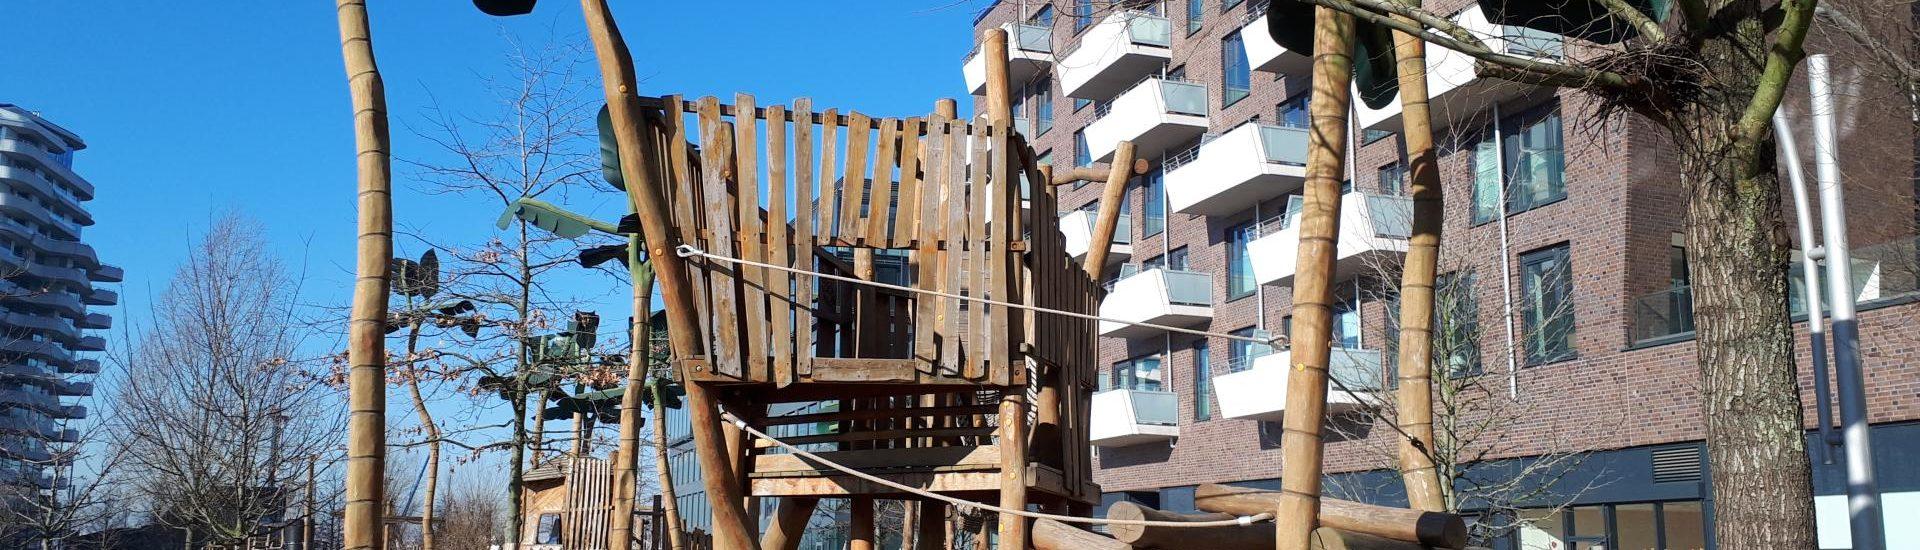 Spielplatz Grasbrookpark Hafencity Klettergerüst